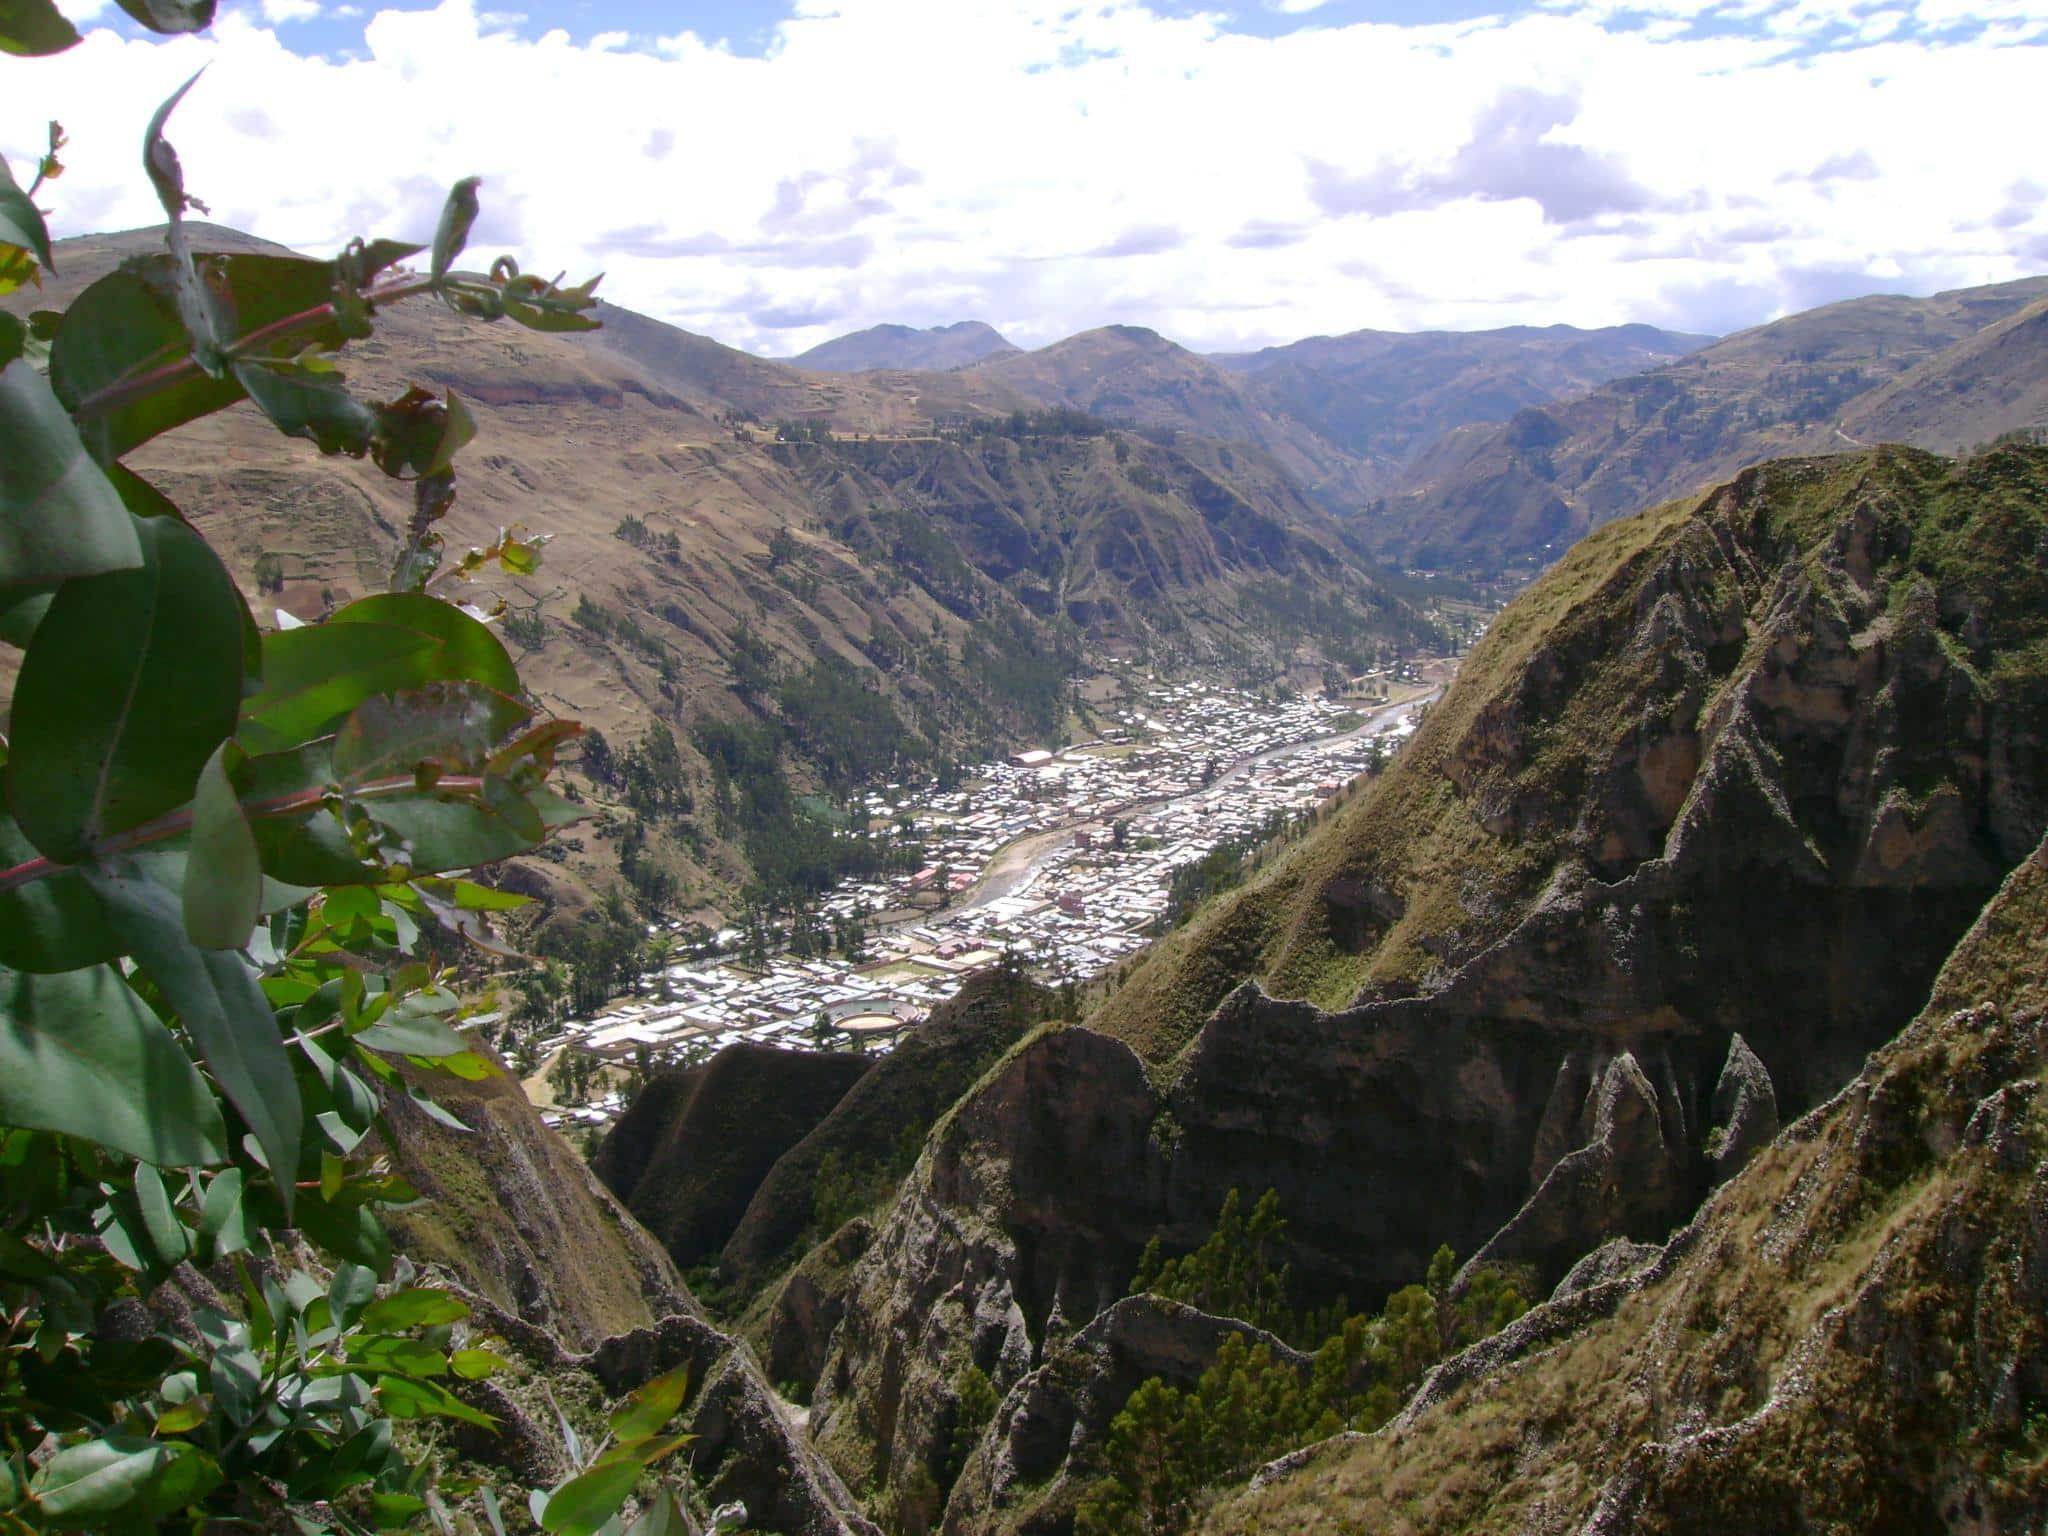 La_Unión-Dos_de_Mayo-Huánuco-Perú